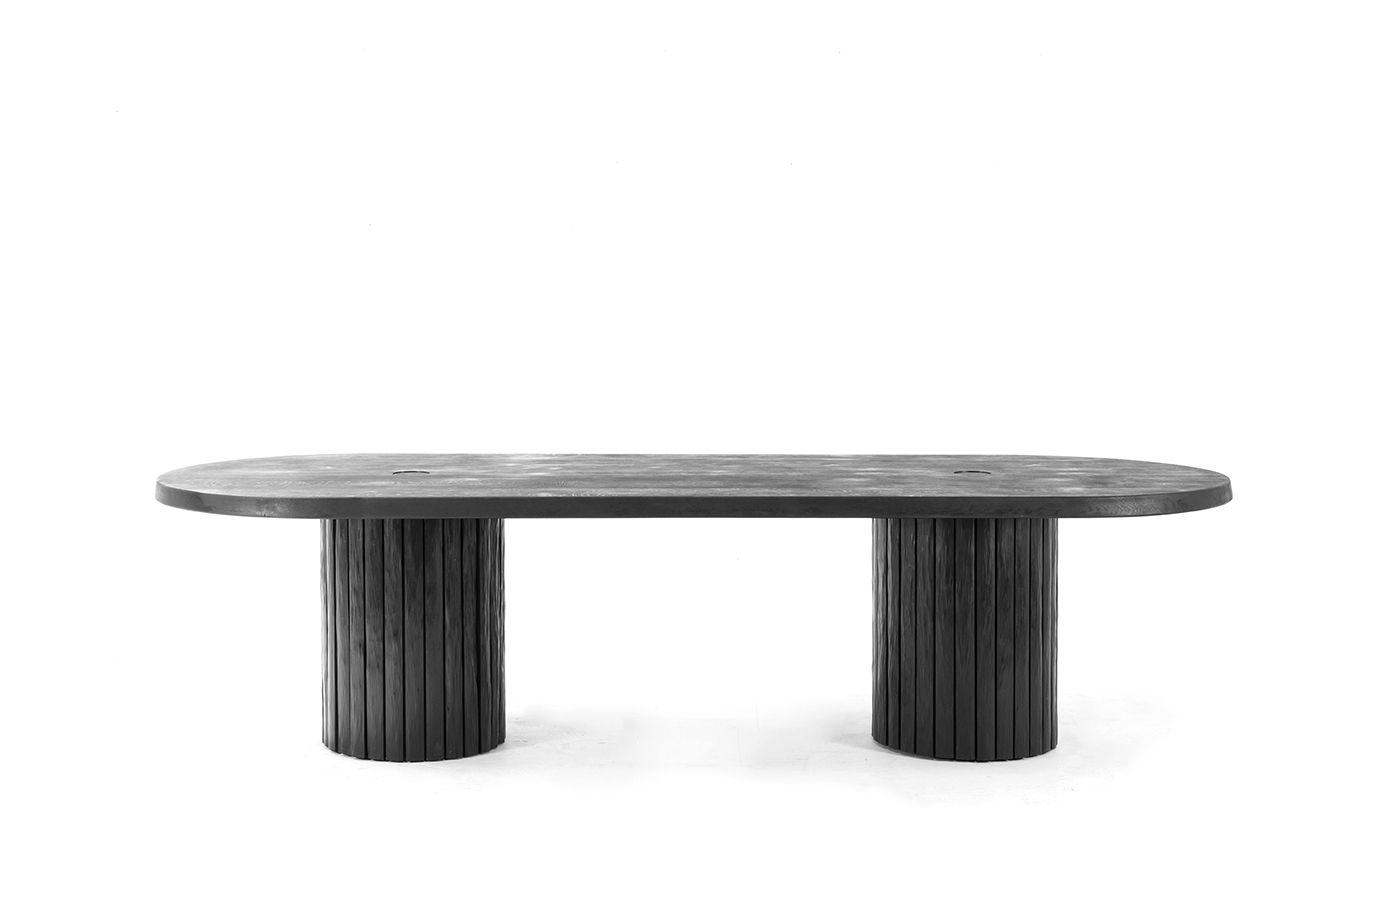 Table haute 9 pieds: longueur 990cm, largeur 9cm, hauteur 79cm 9